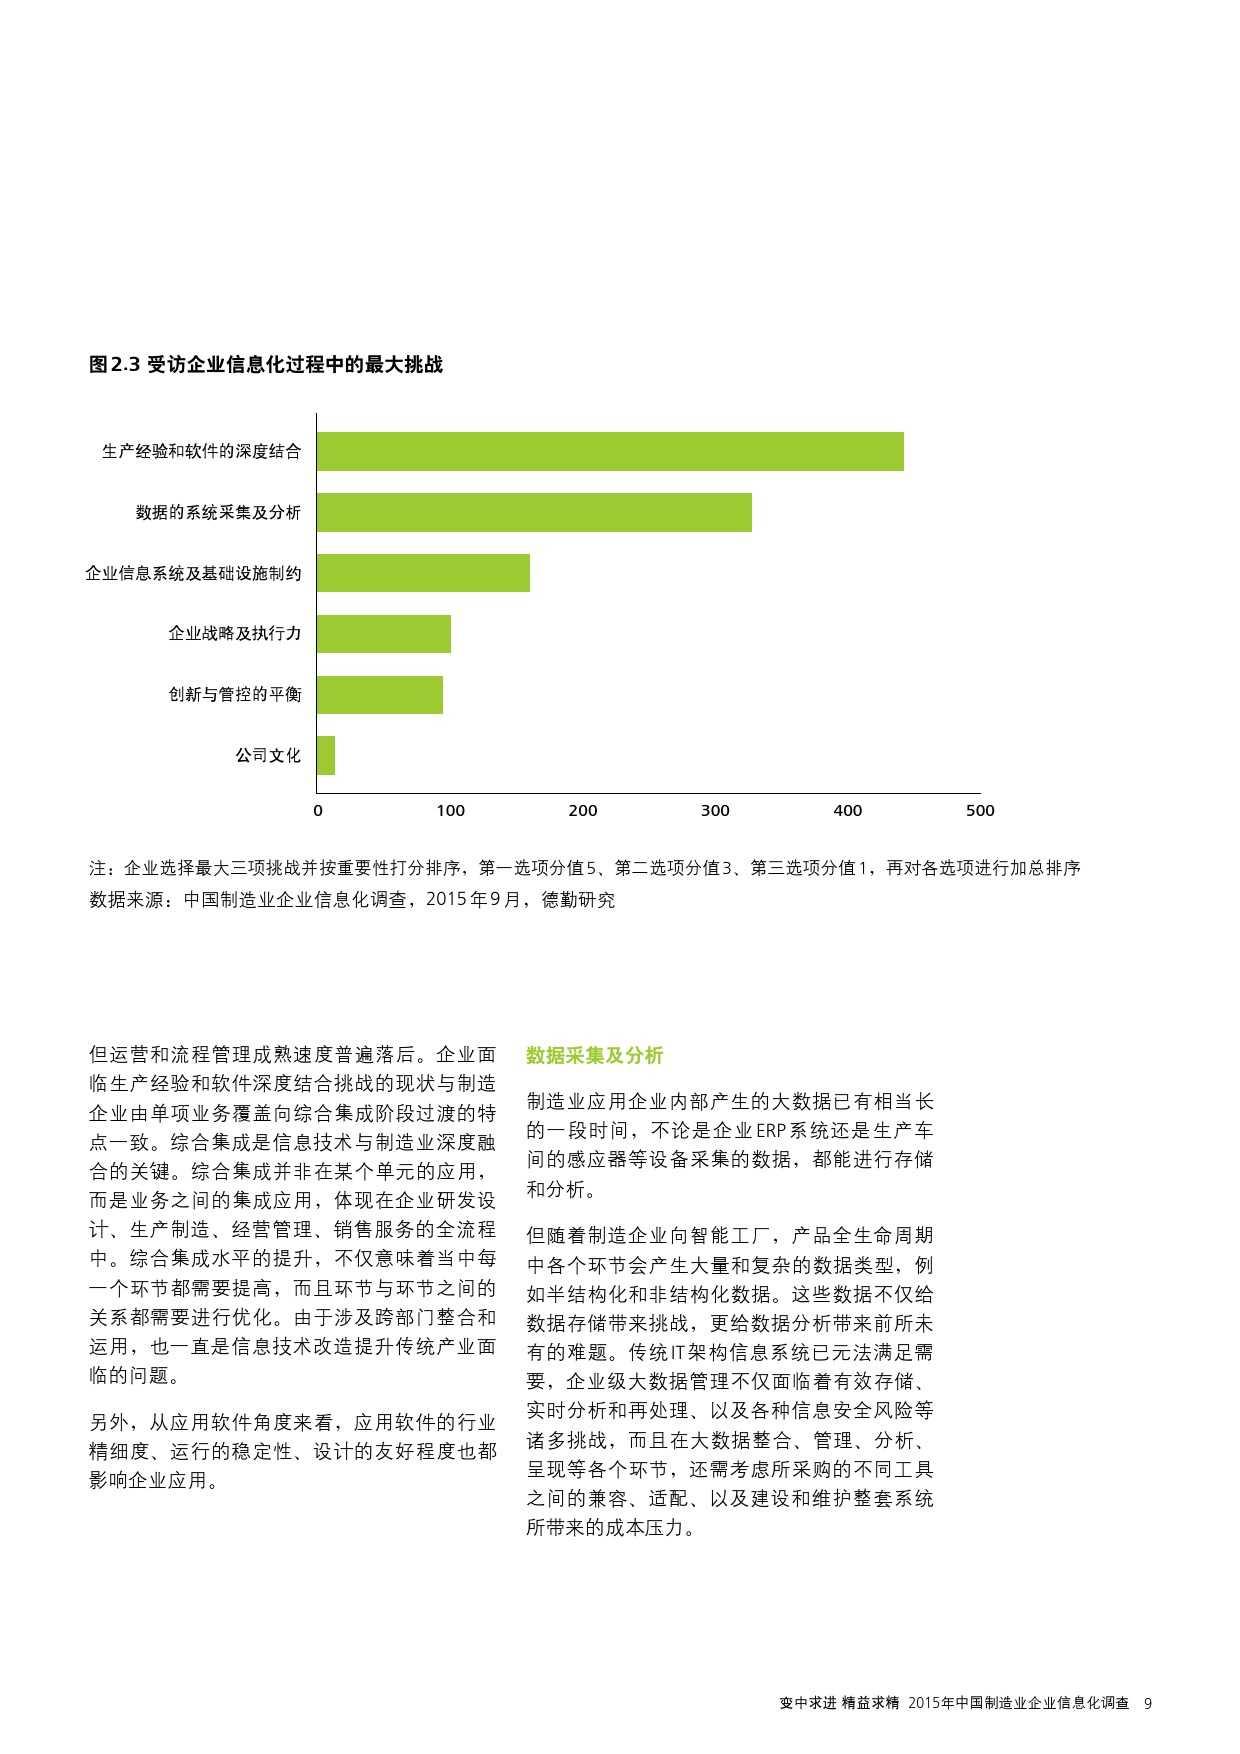 2015年中国制造业企业信息化调查_000011